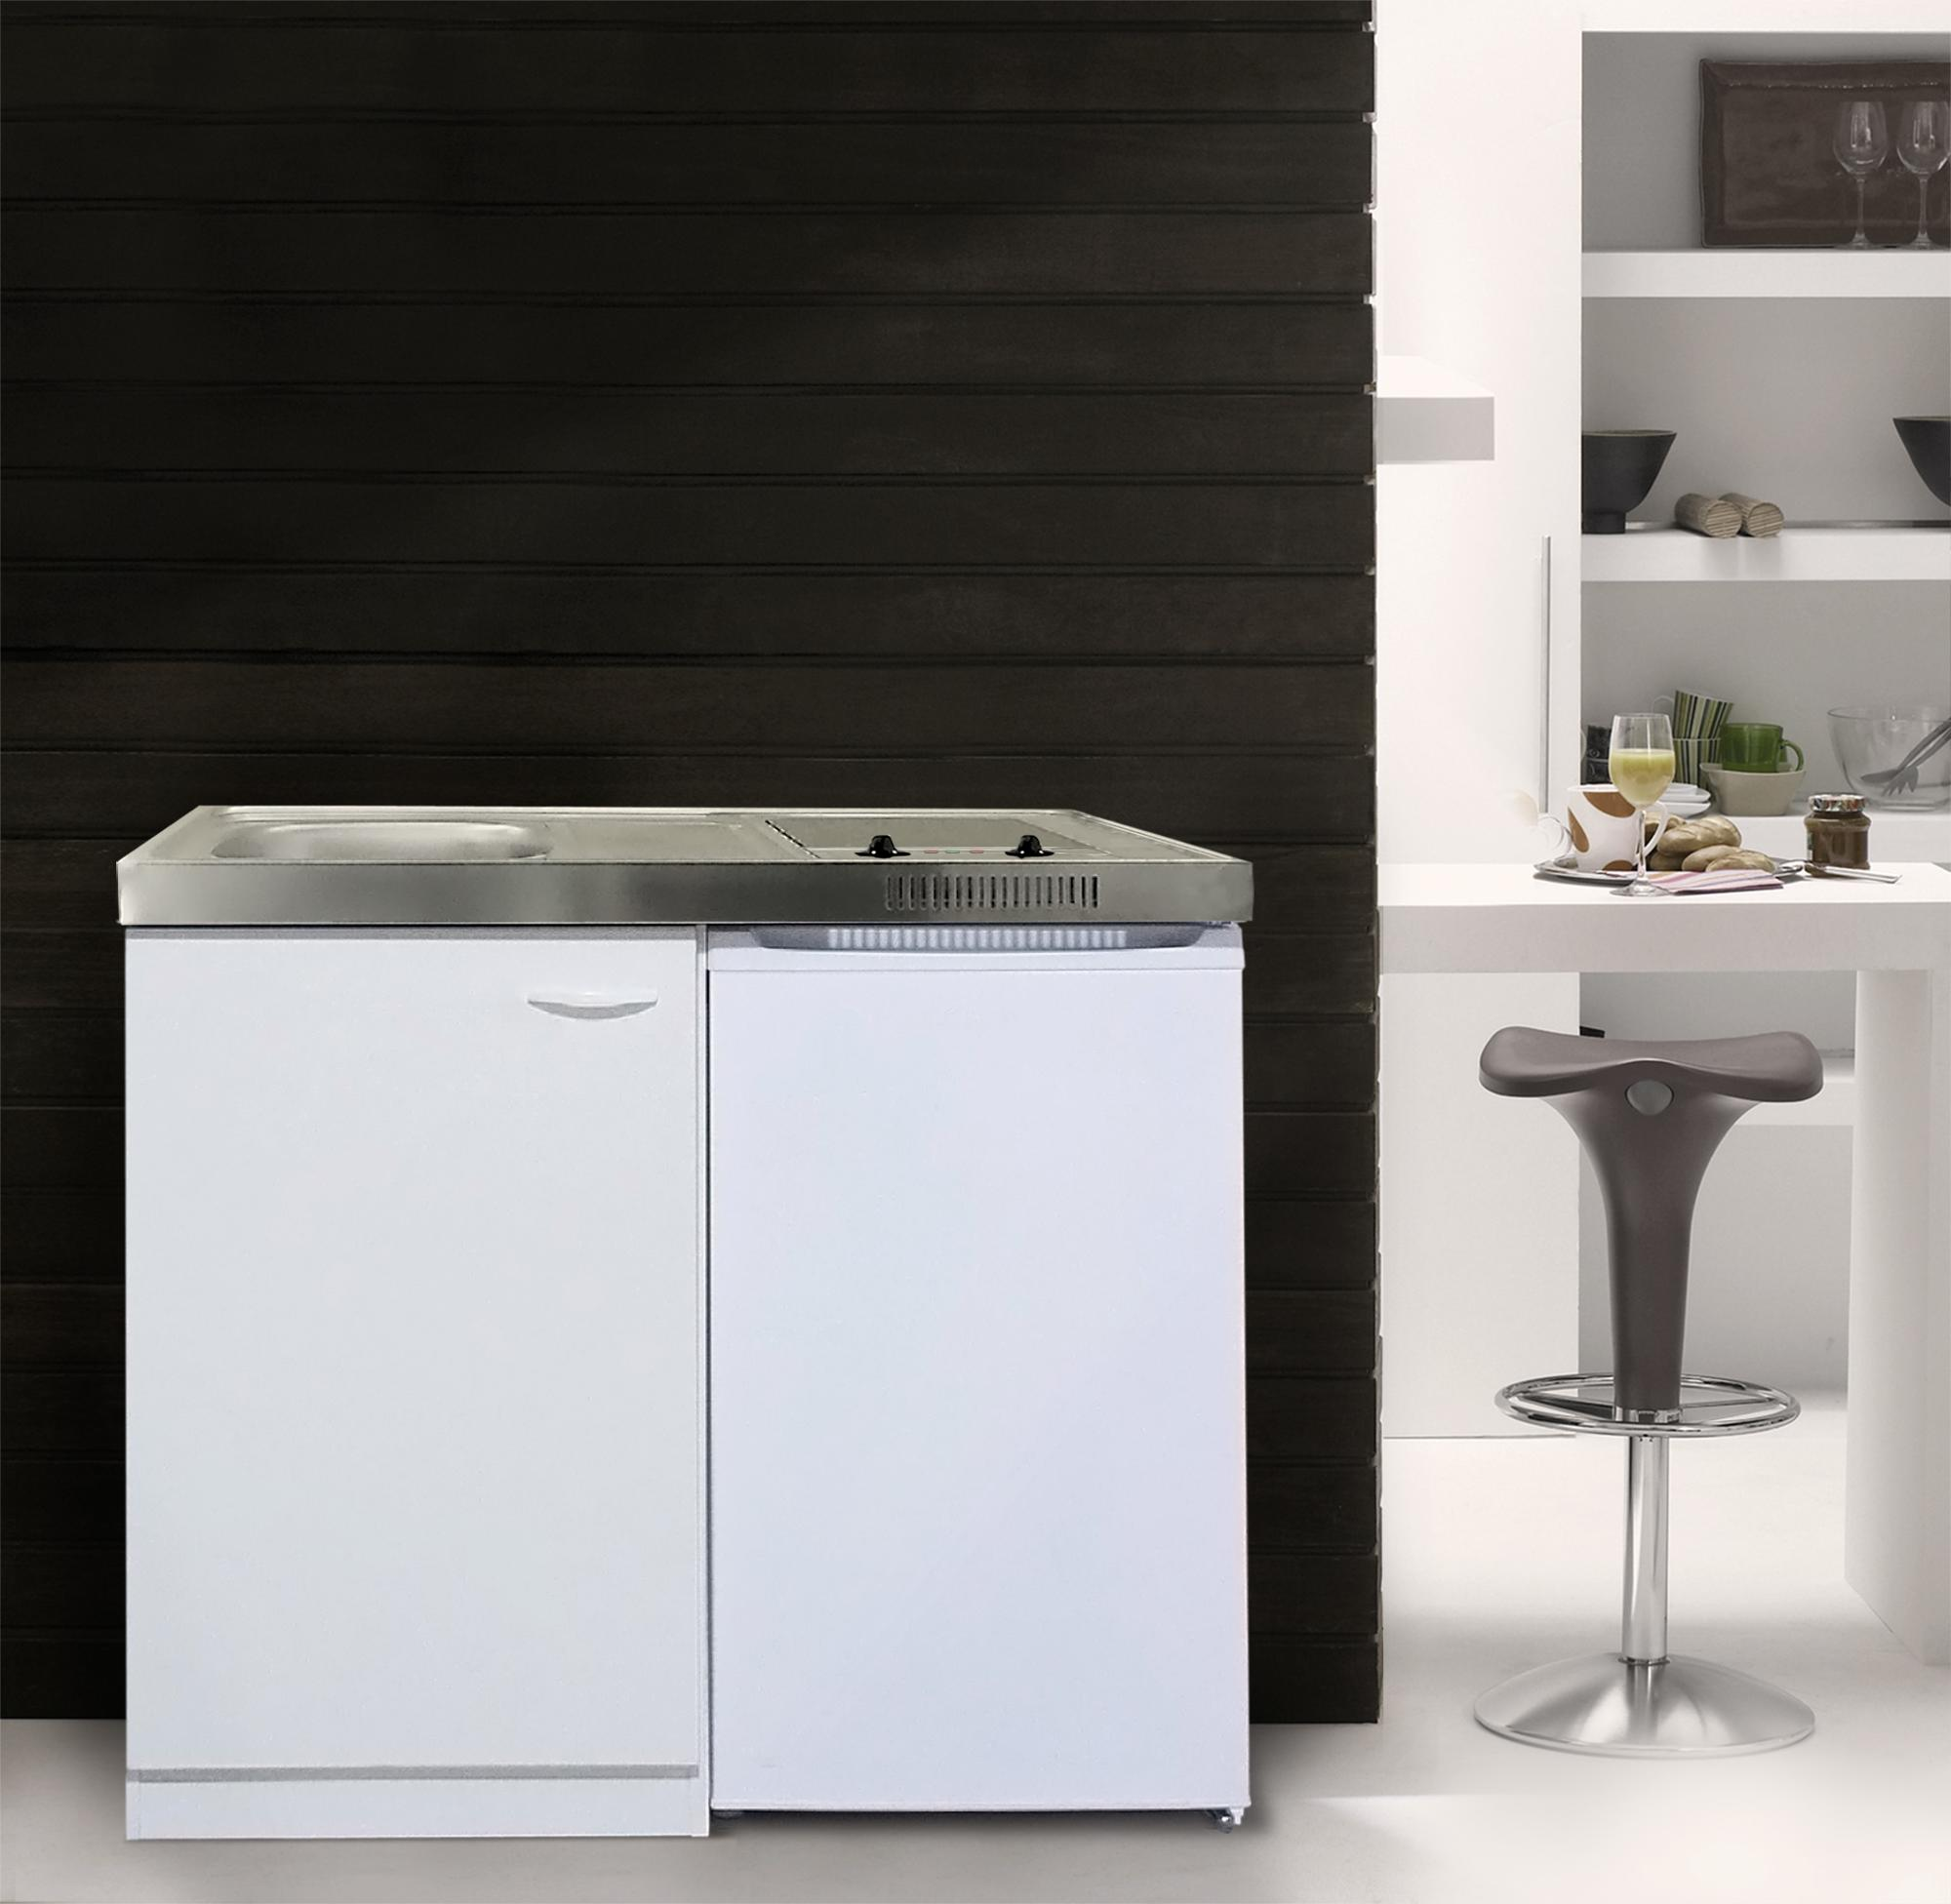 Full Size of Miniküche Mit Kühlschrank Ohne Gefrierfach Miniküche Ohne Kühlschrank Miniküche Mit Backofen Ohne Kühlschrank Miniküche 100 Cm Mit Kühlschrank Und Ceranfeld Küche Miniküche Mit Kühlschrank